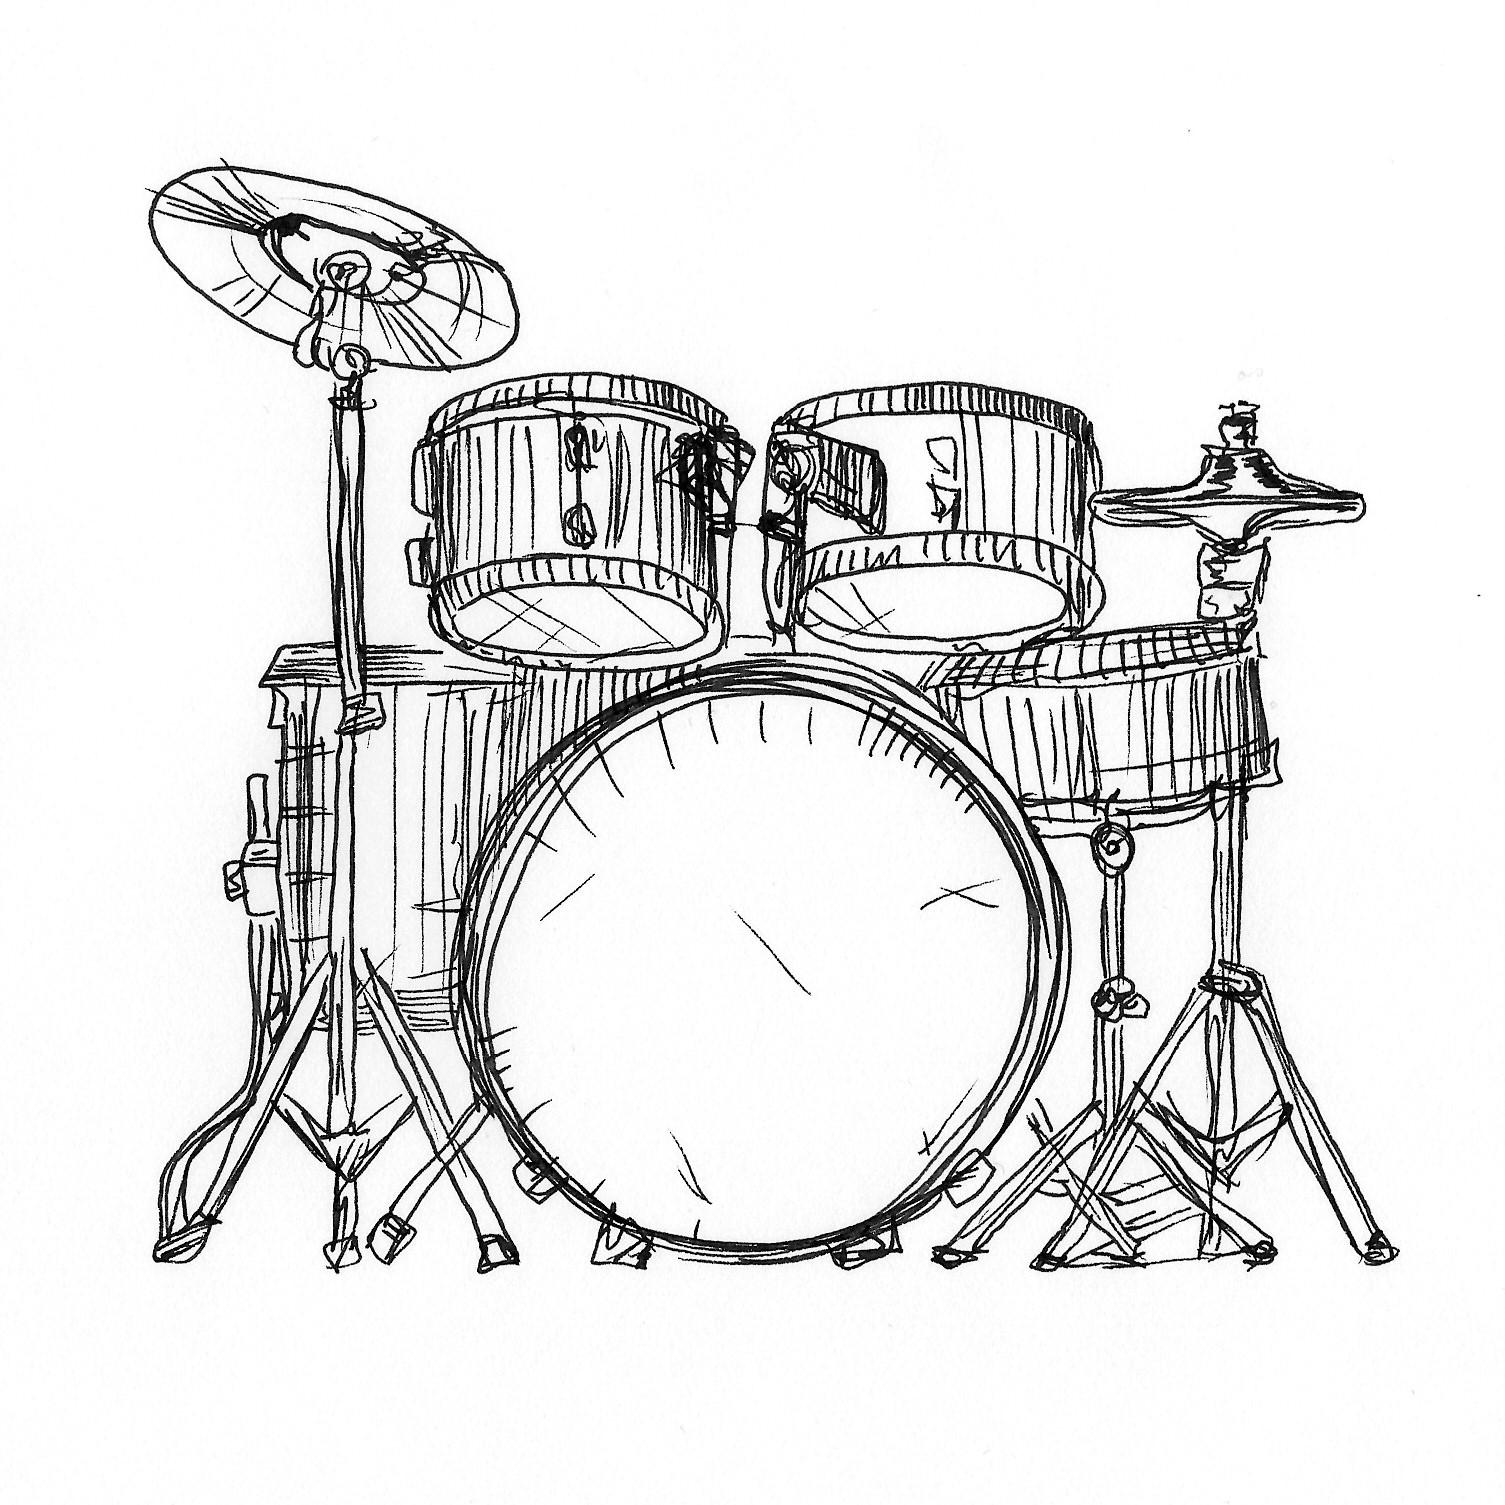 Percussion - Marvin GutSilas SchmidYannick Schlienger